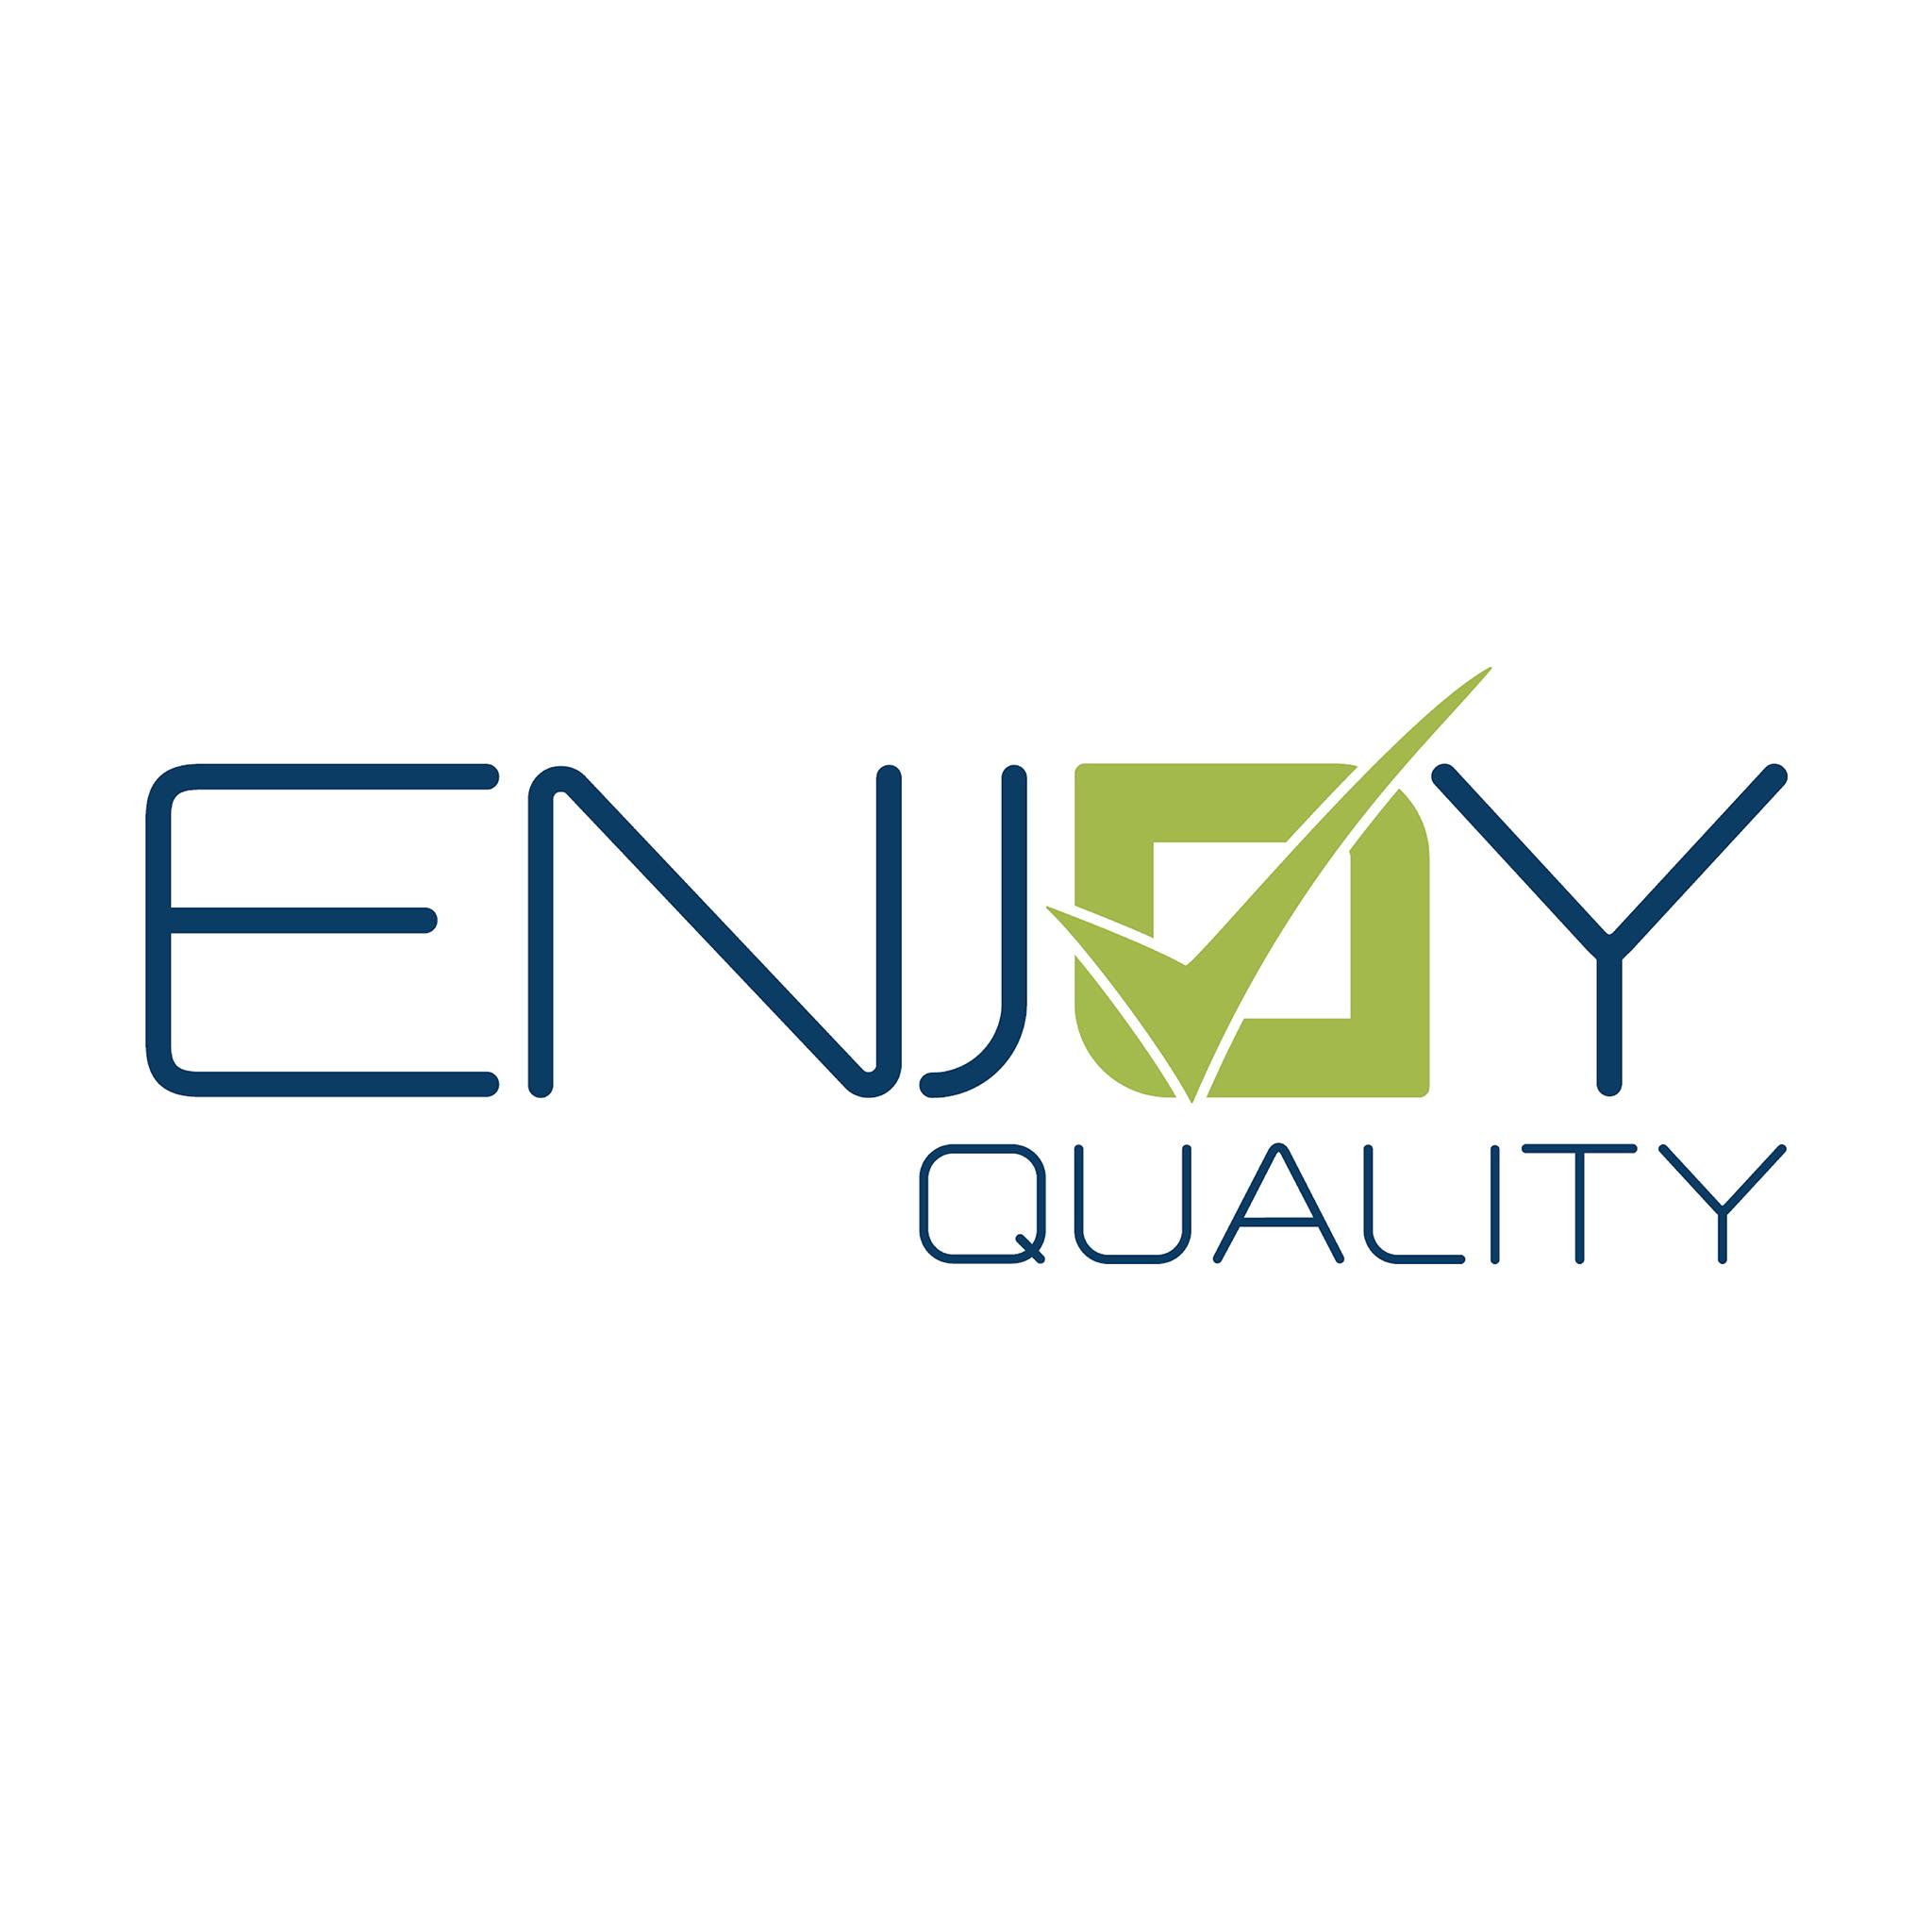 EnjoyQuality